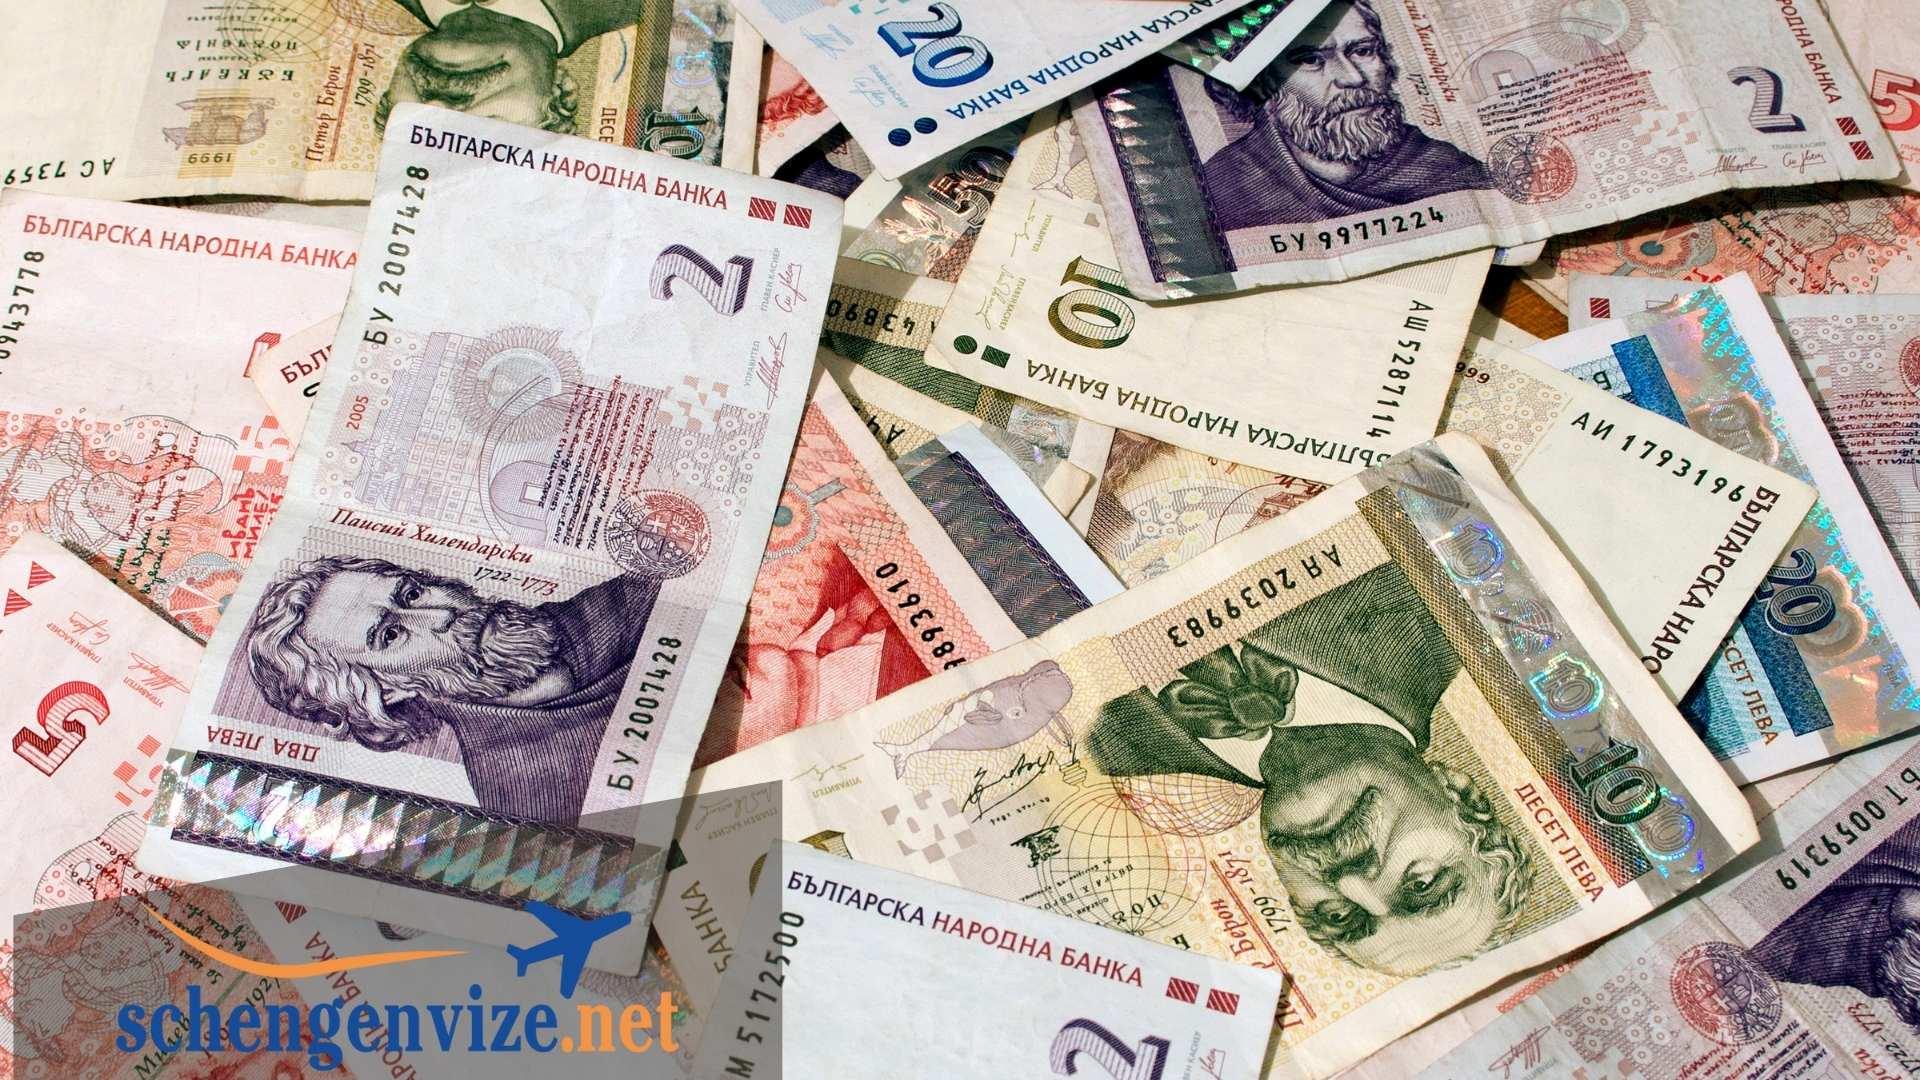 Bulgaristan Vize Ücreti Ne Kadar?